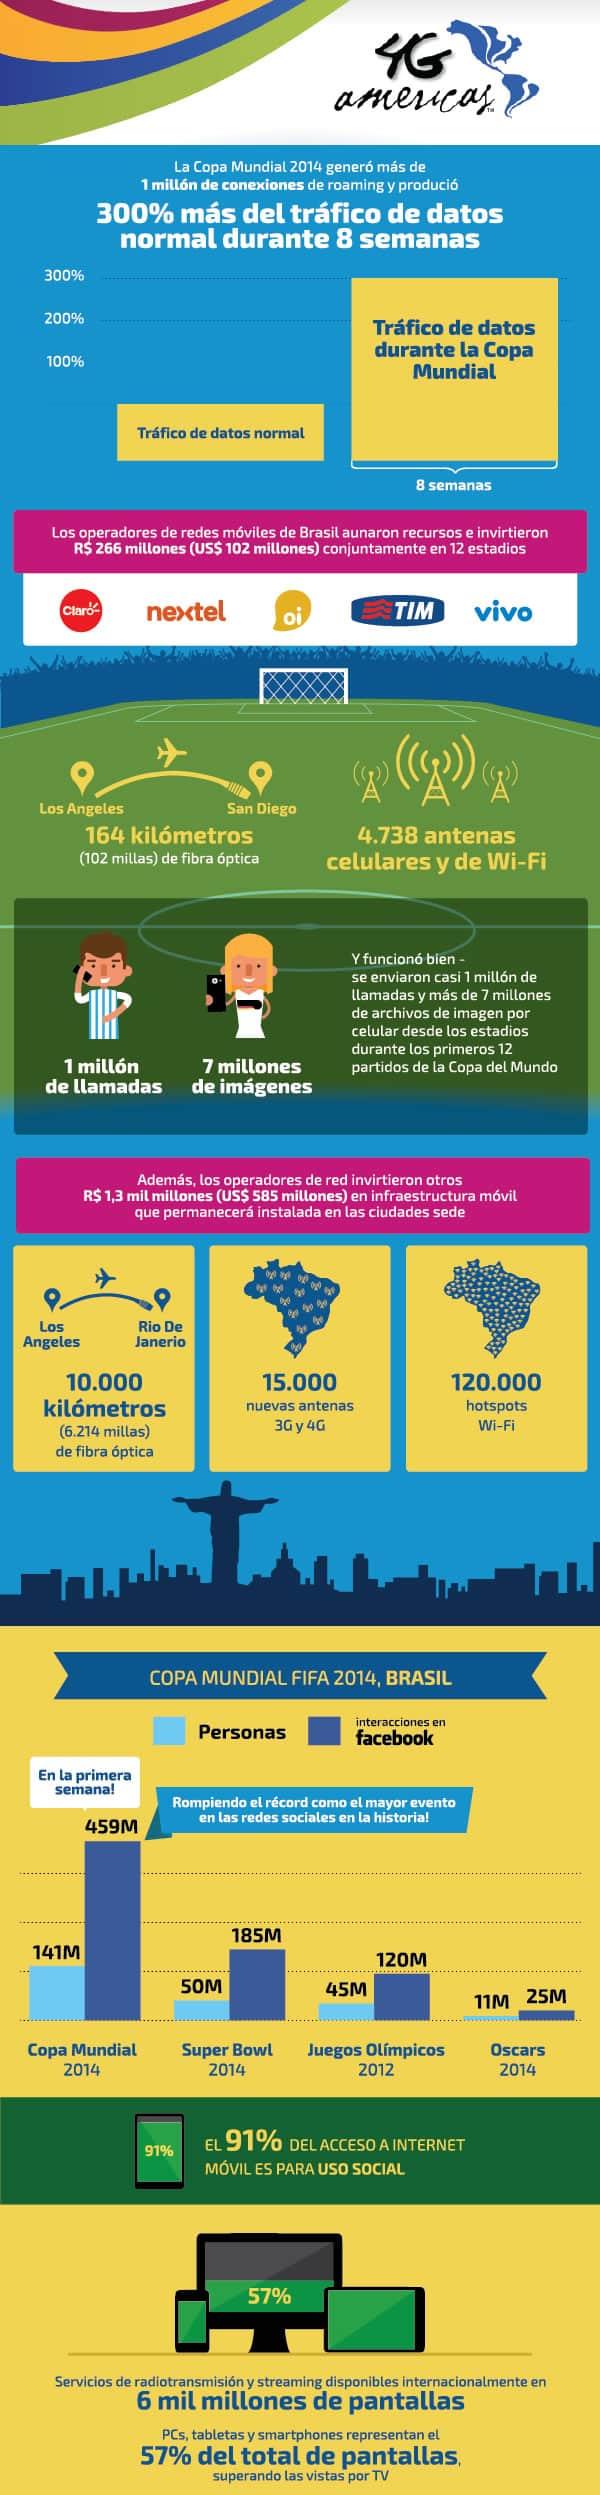 Infografia Telecomunicaciones Mundial de Fútbol Brasil 2014 - 4G Americas